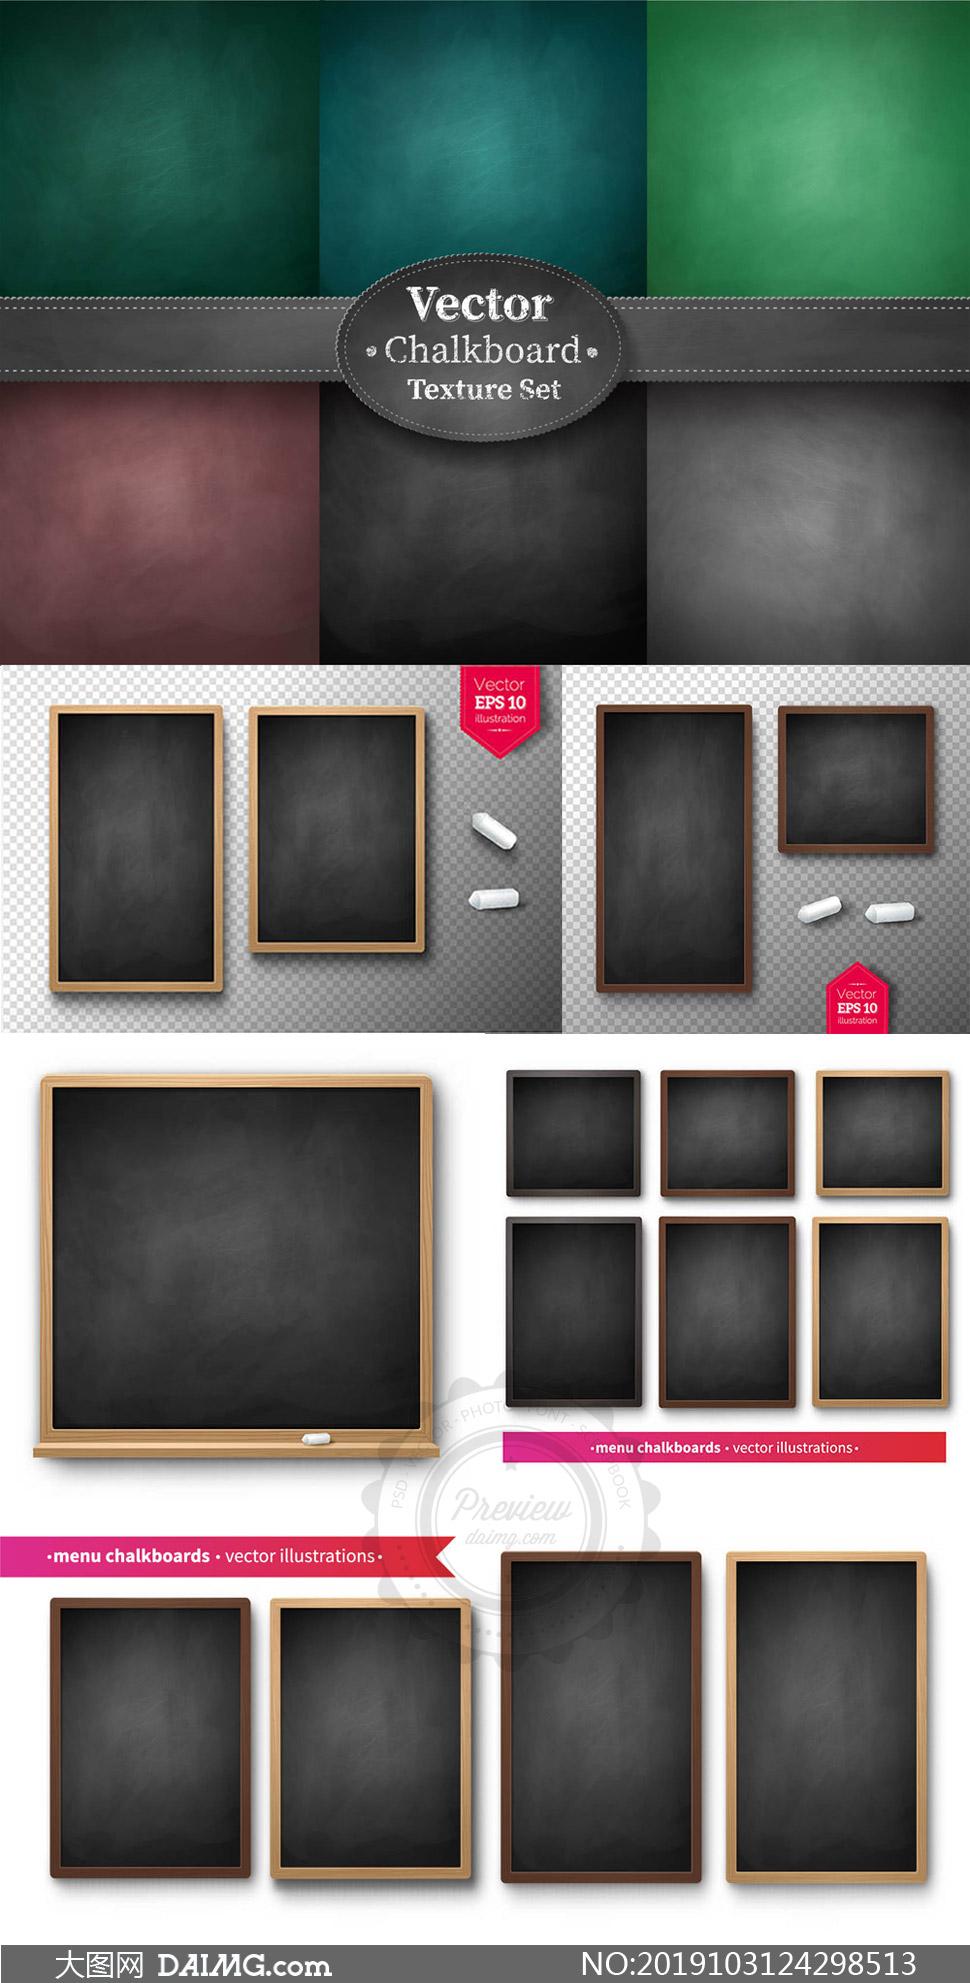 粉笔与质感黑板纹理背景等矢量素材